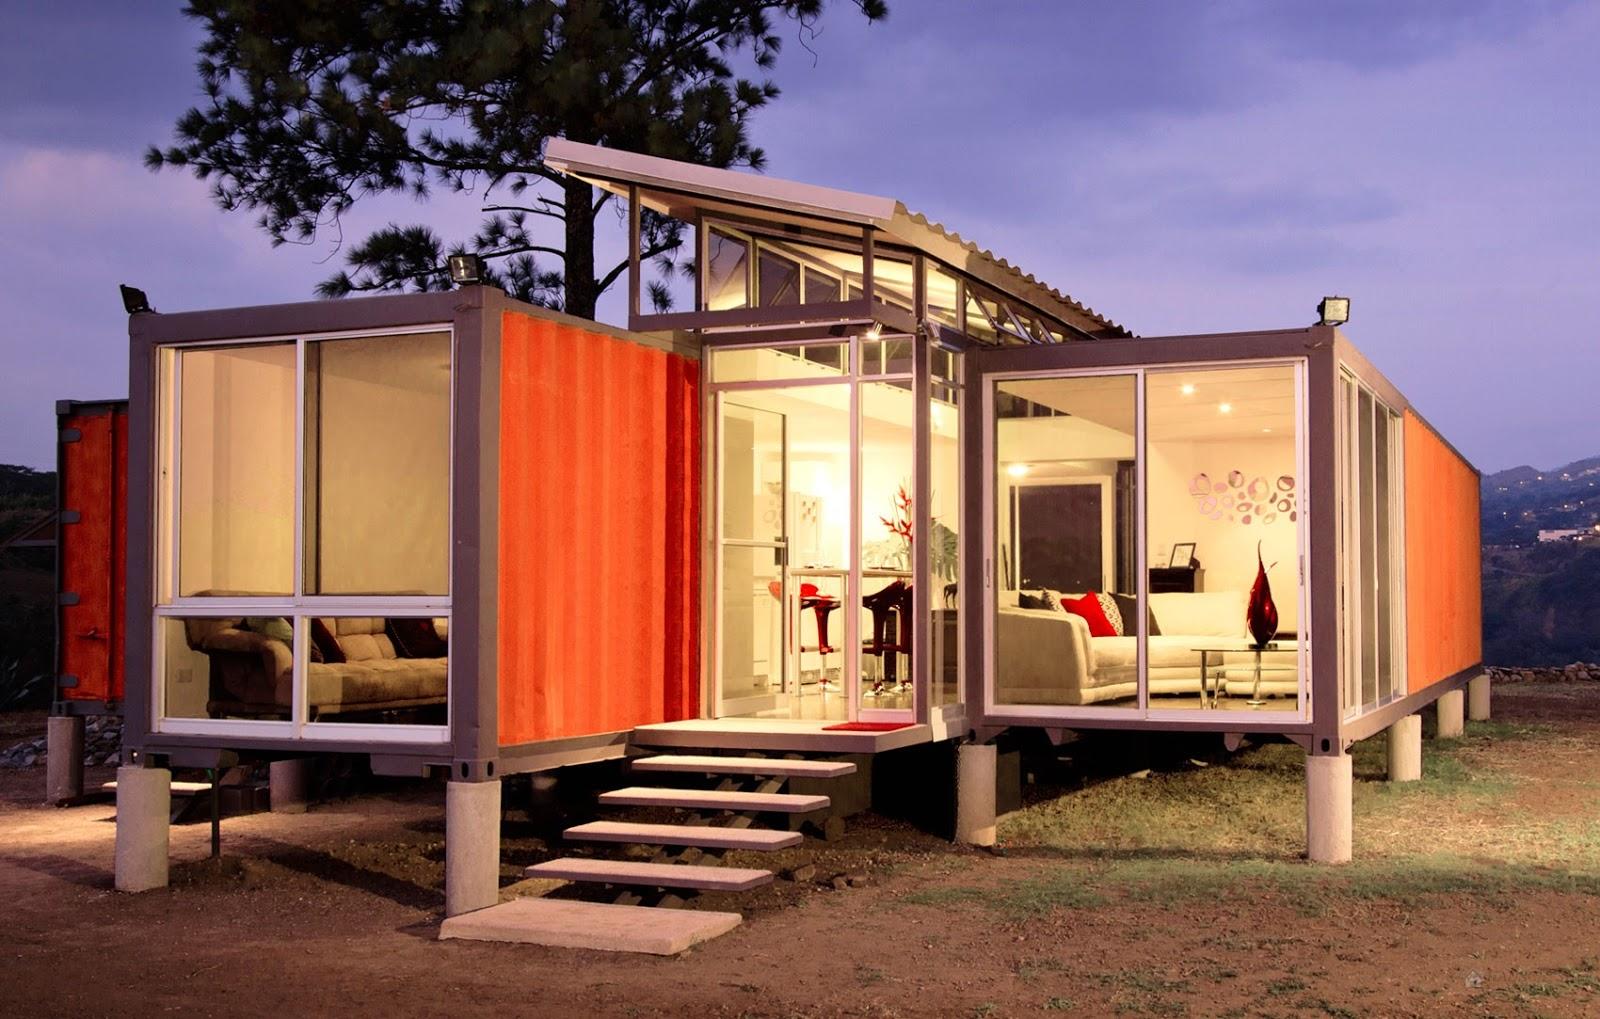 16 Model Desain Rumah dari Kontainer